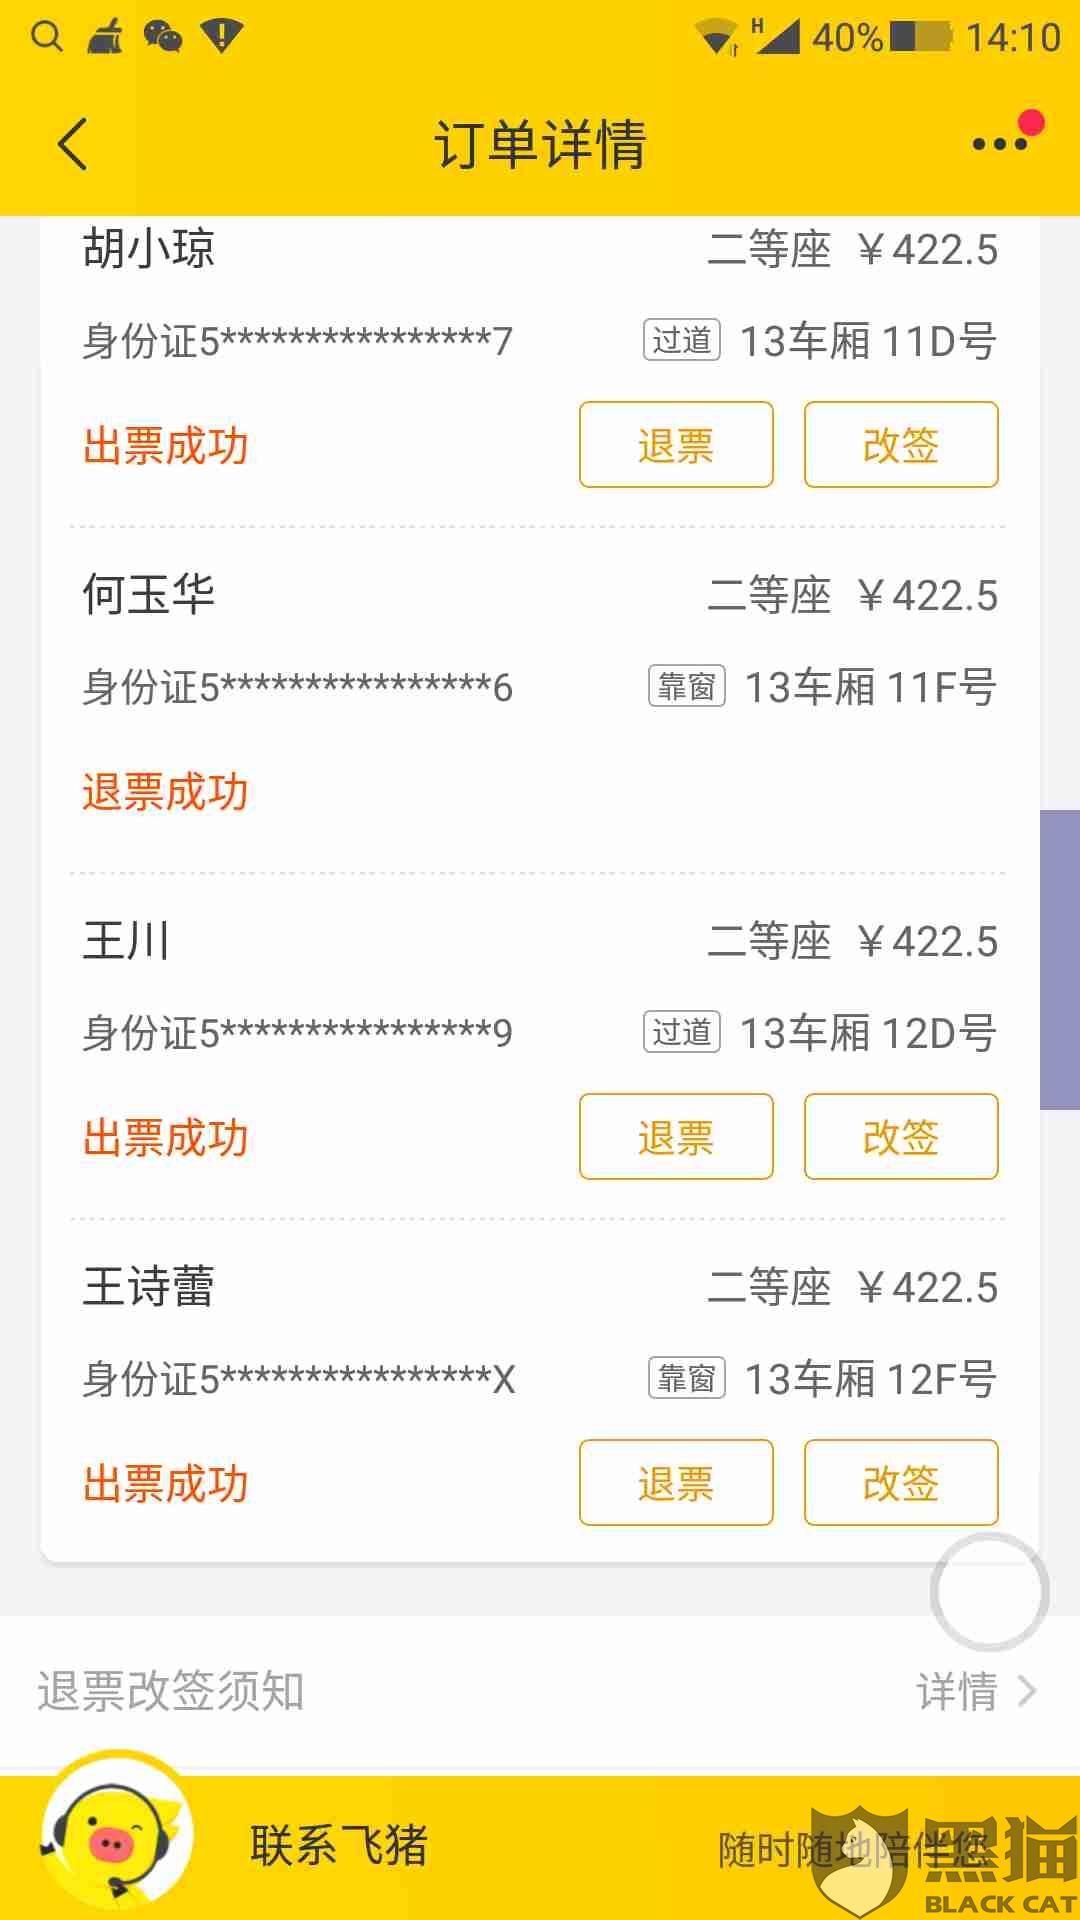 黑猫投诉:1月23日在飞猪平台订了四张重庆西到南宁东的动车票,其中儿童票一张。